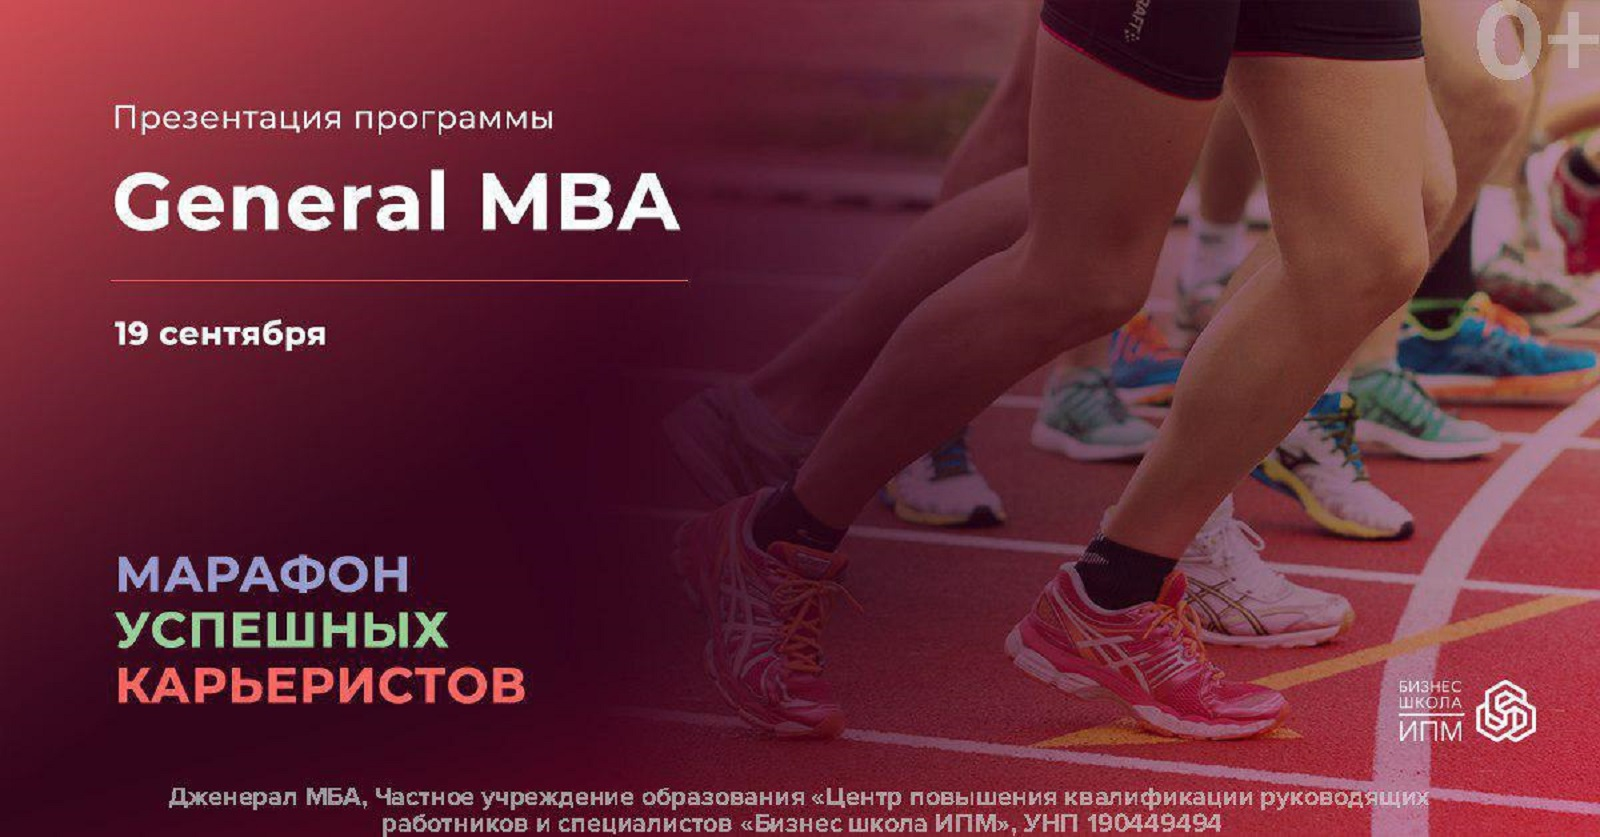 General MBA в бизнес-школе ИПМ: предпосылки запуска и ценность для бизнеса